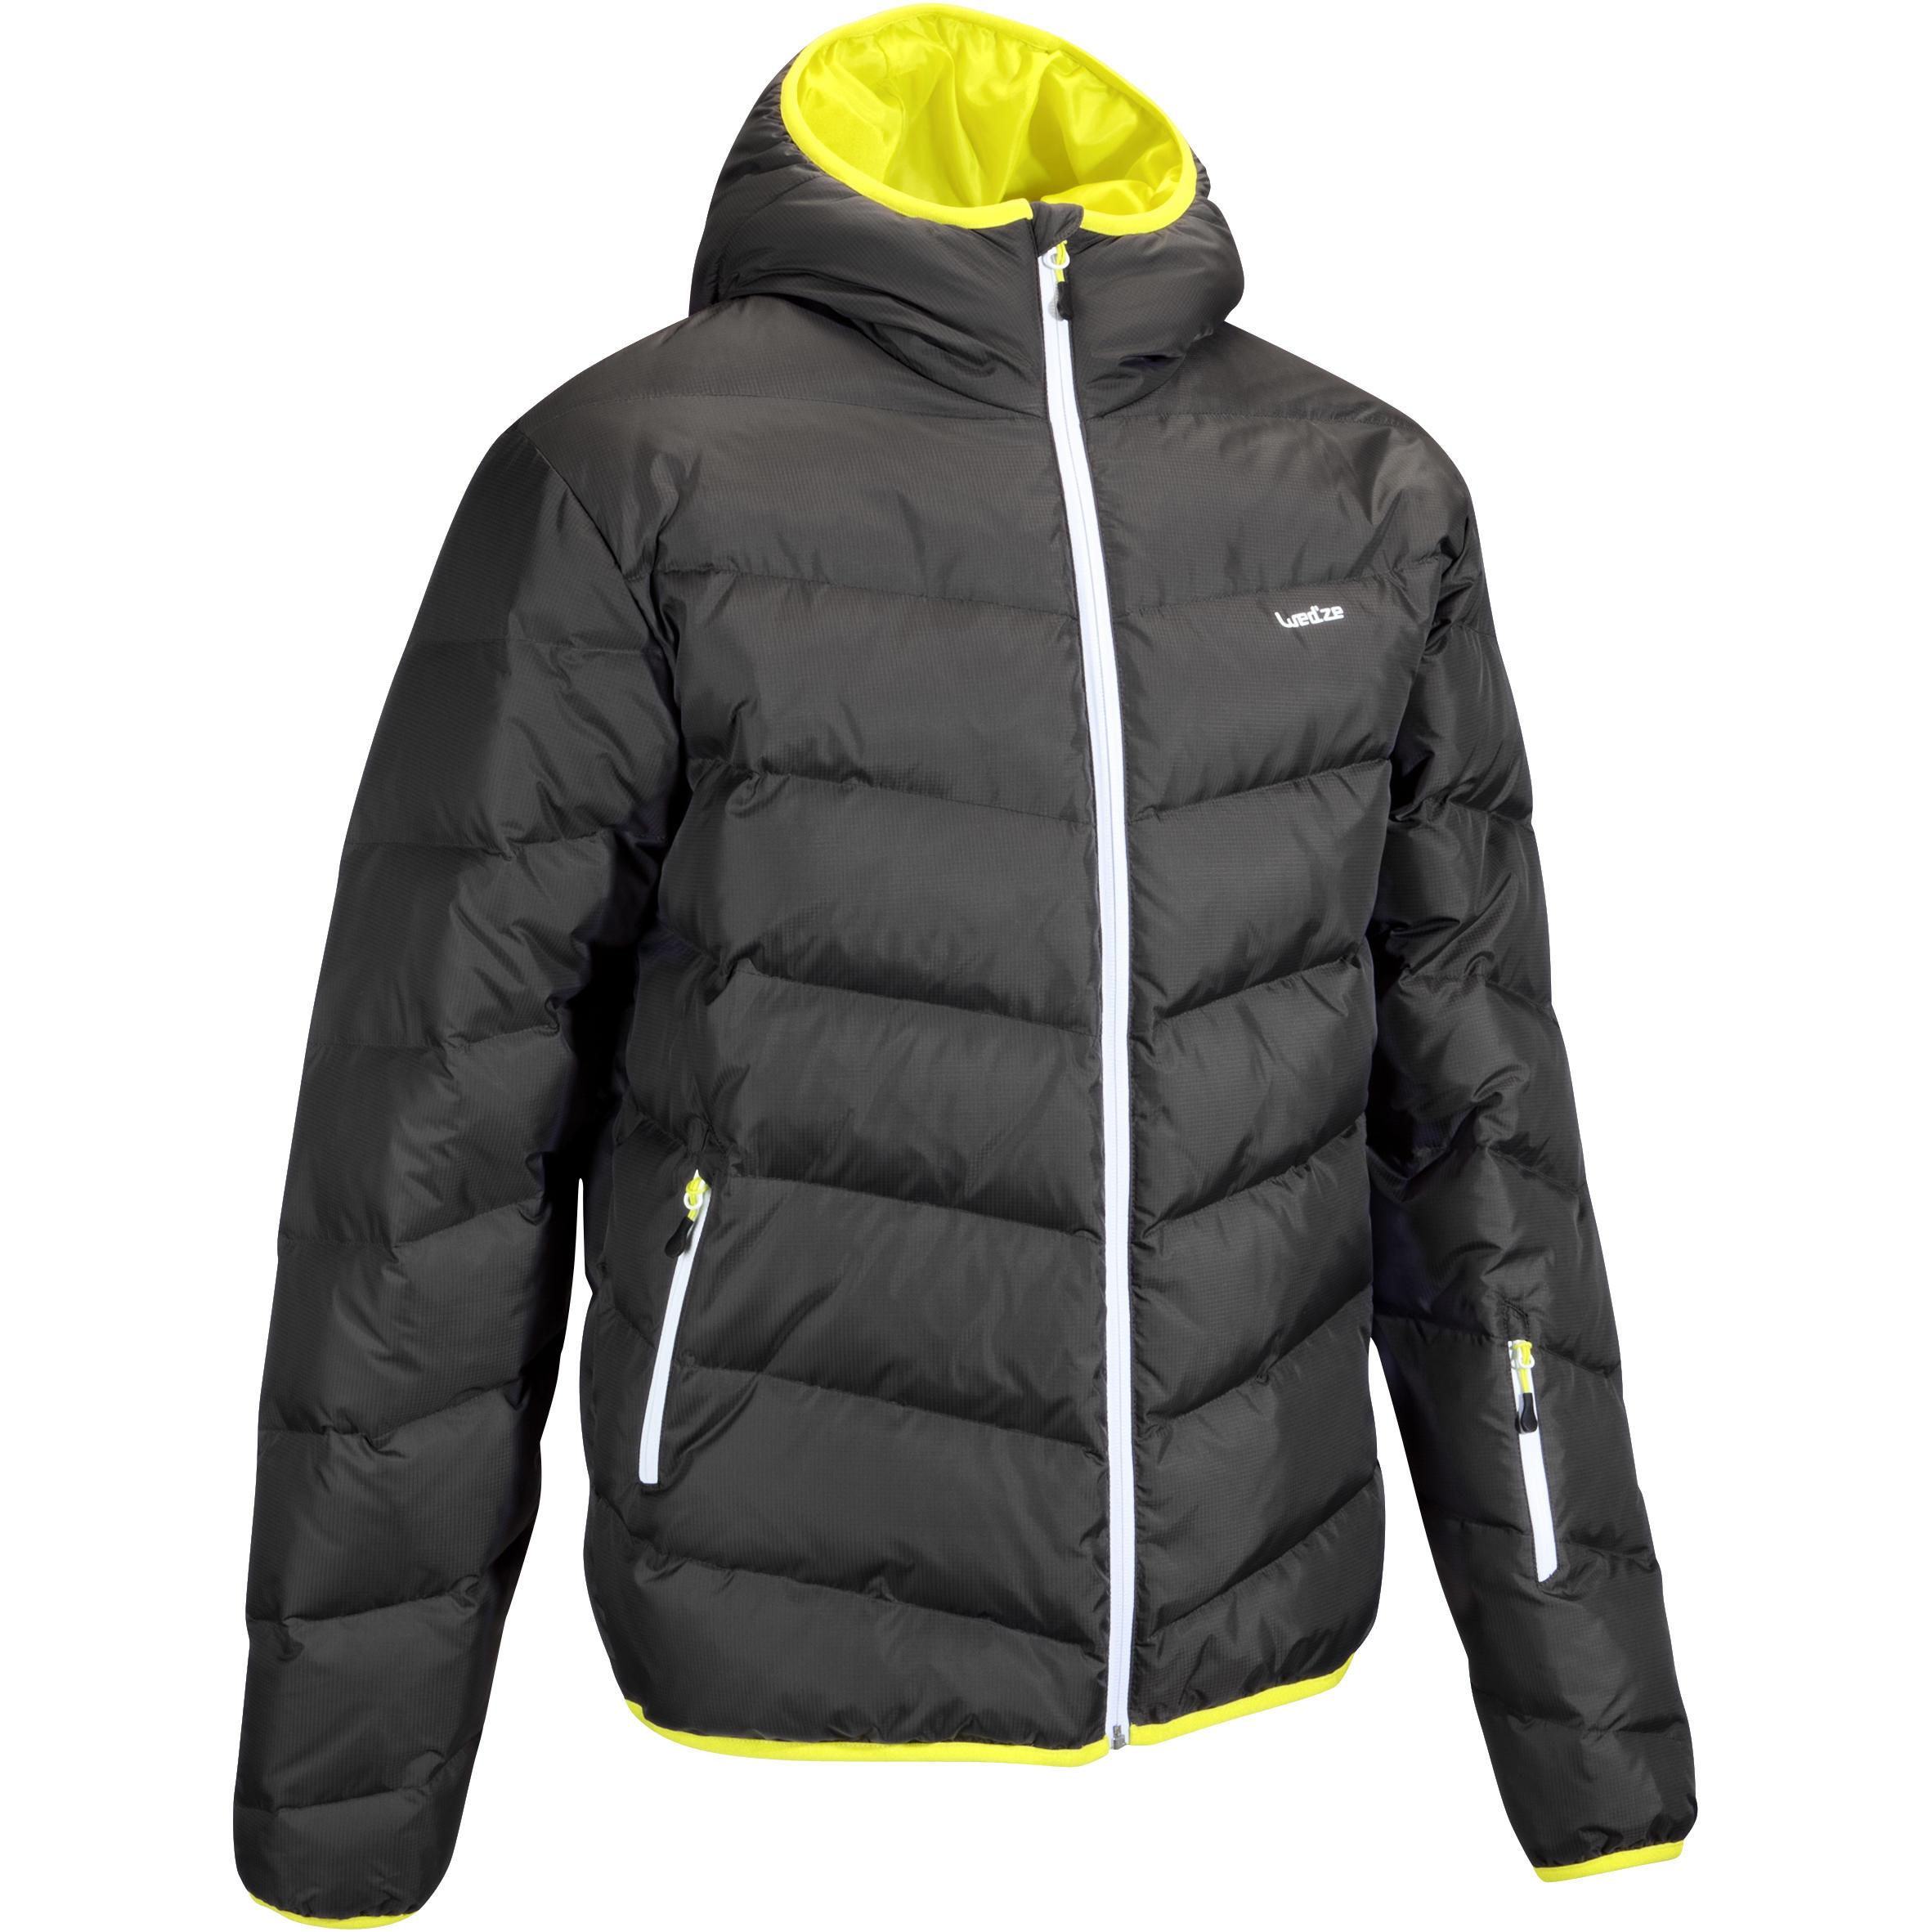 Herren Skijacke 500 Warm Herren grau | 03608449894968